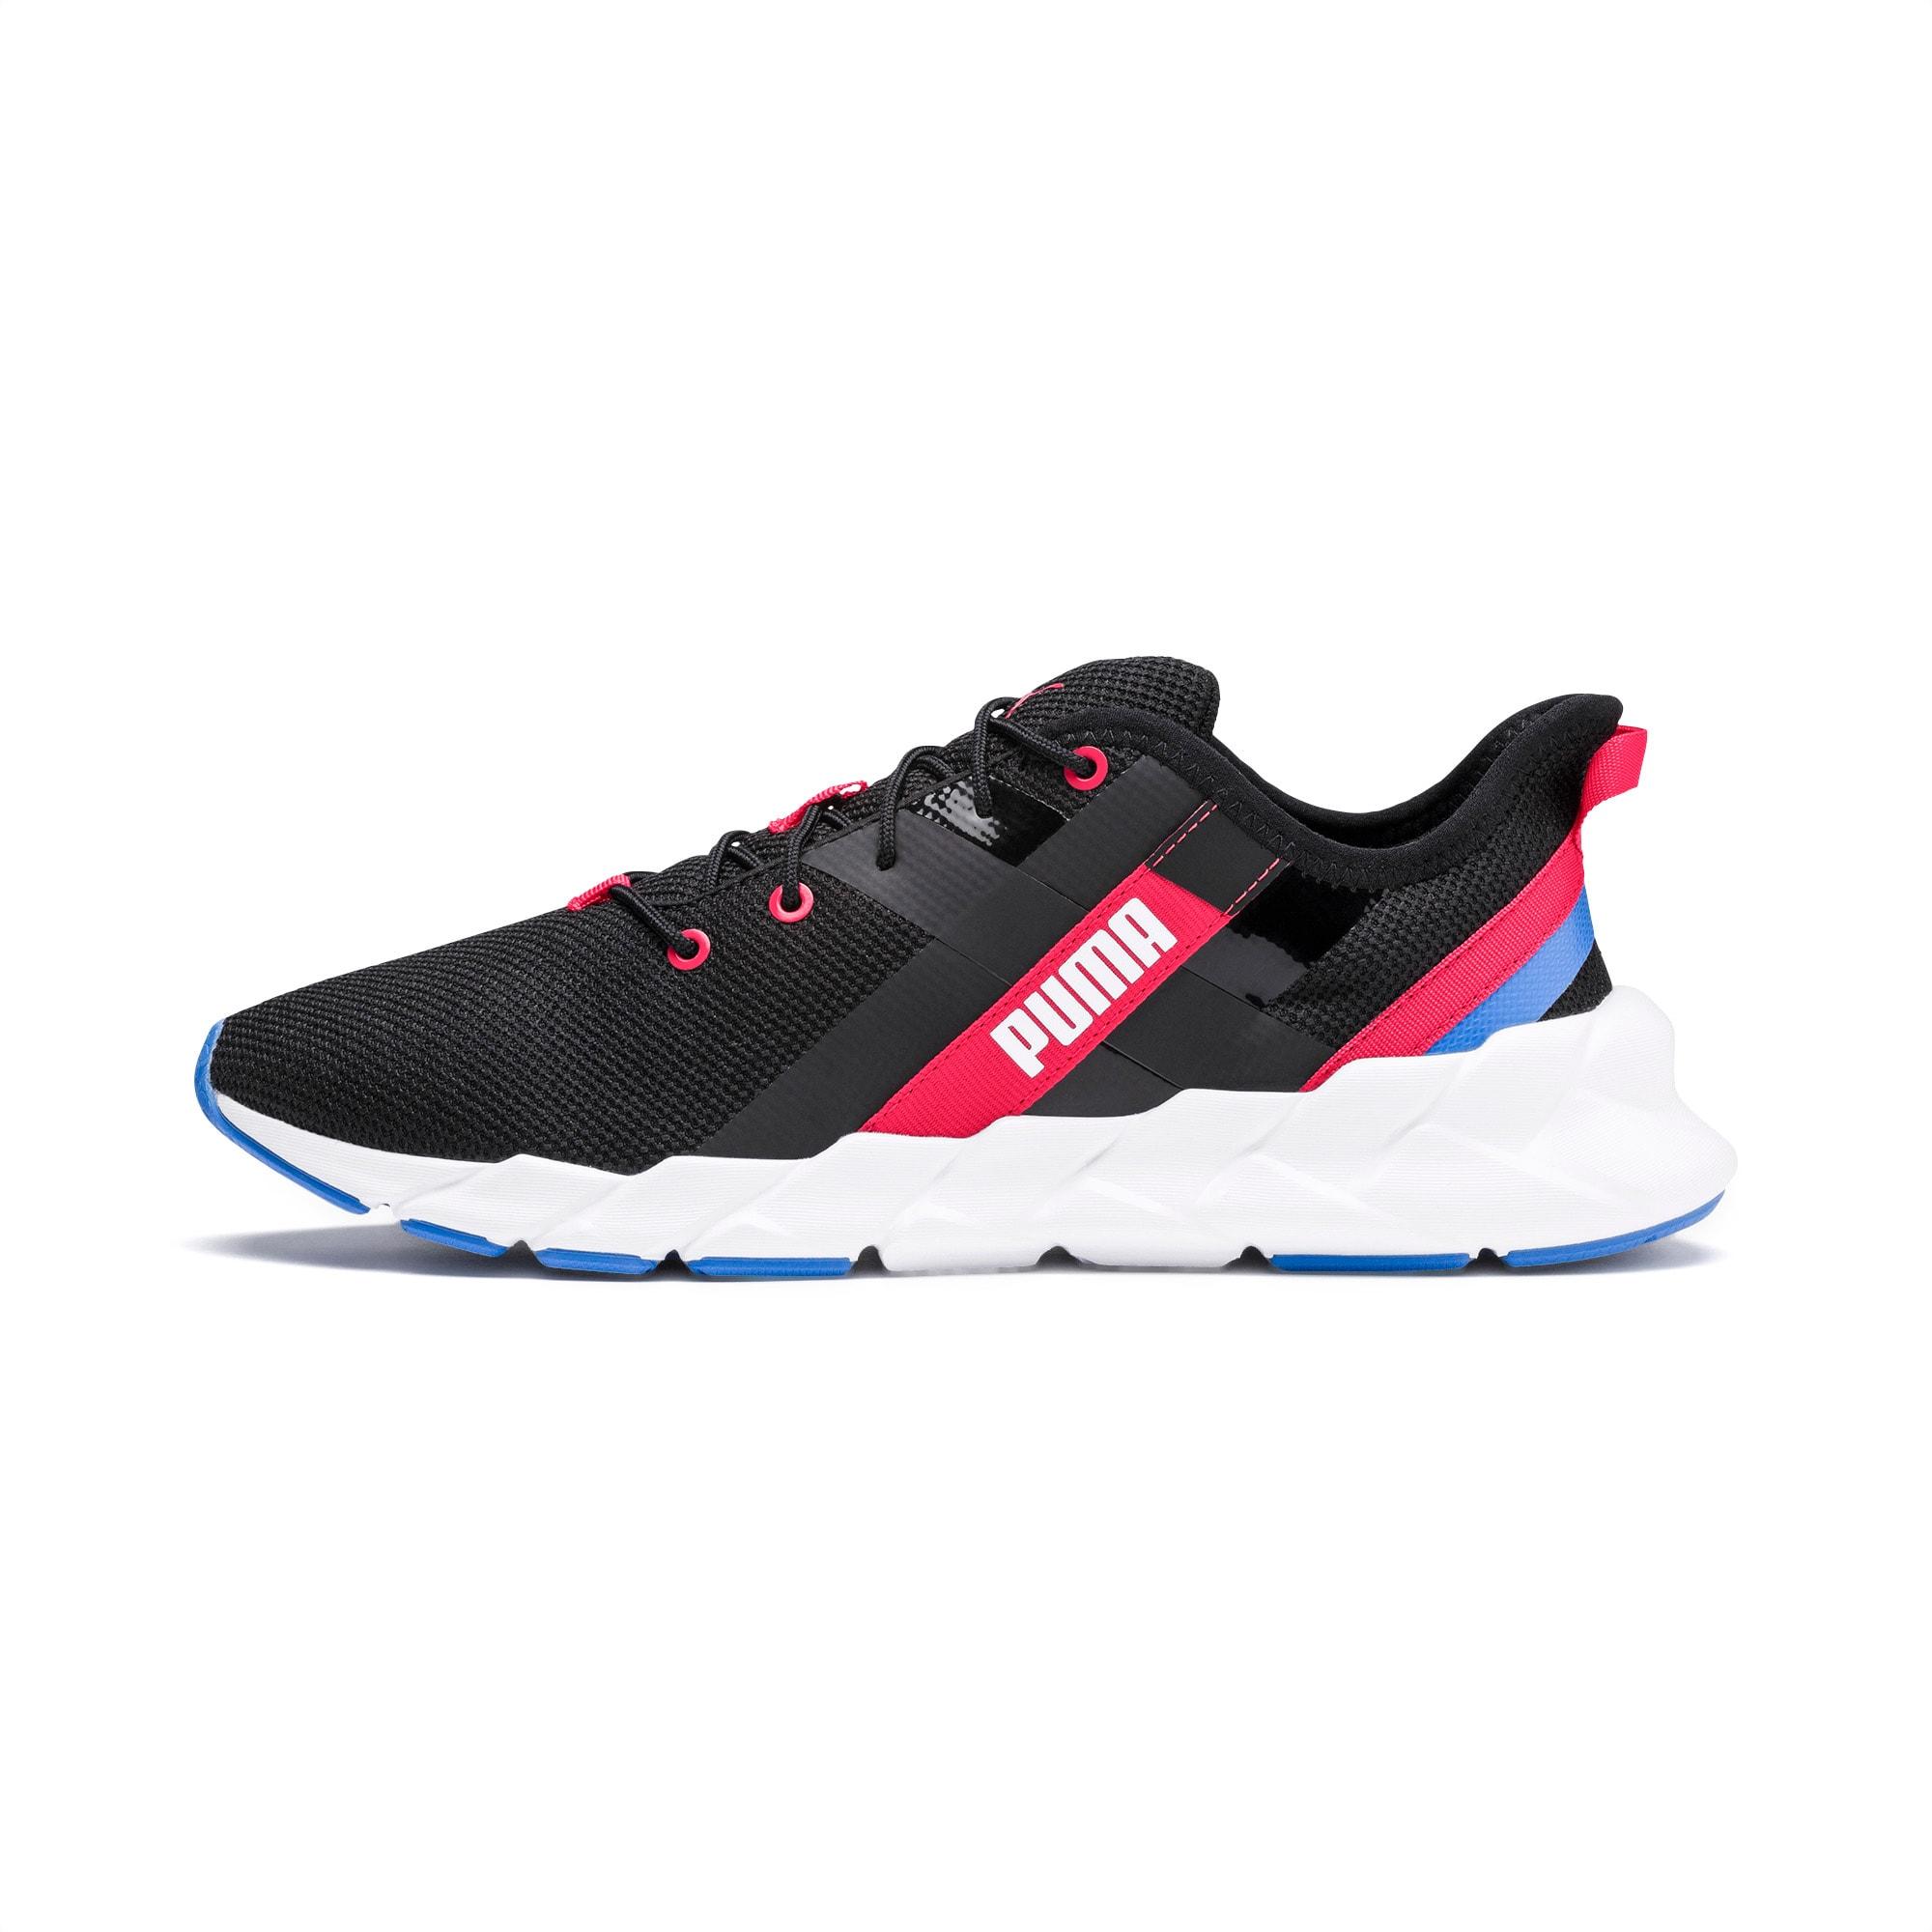 Weave XT Shift Women's Training Shoes